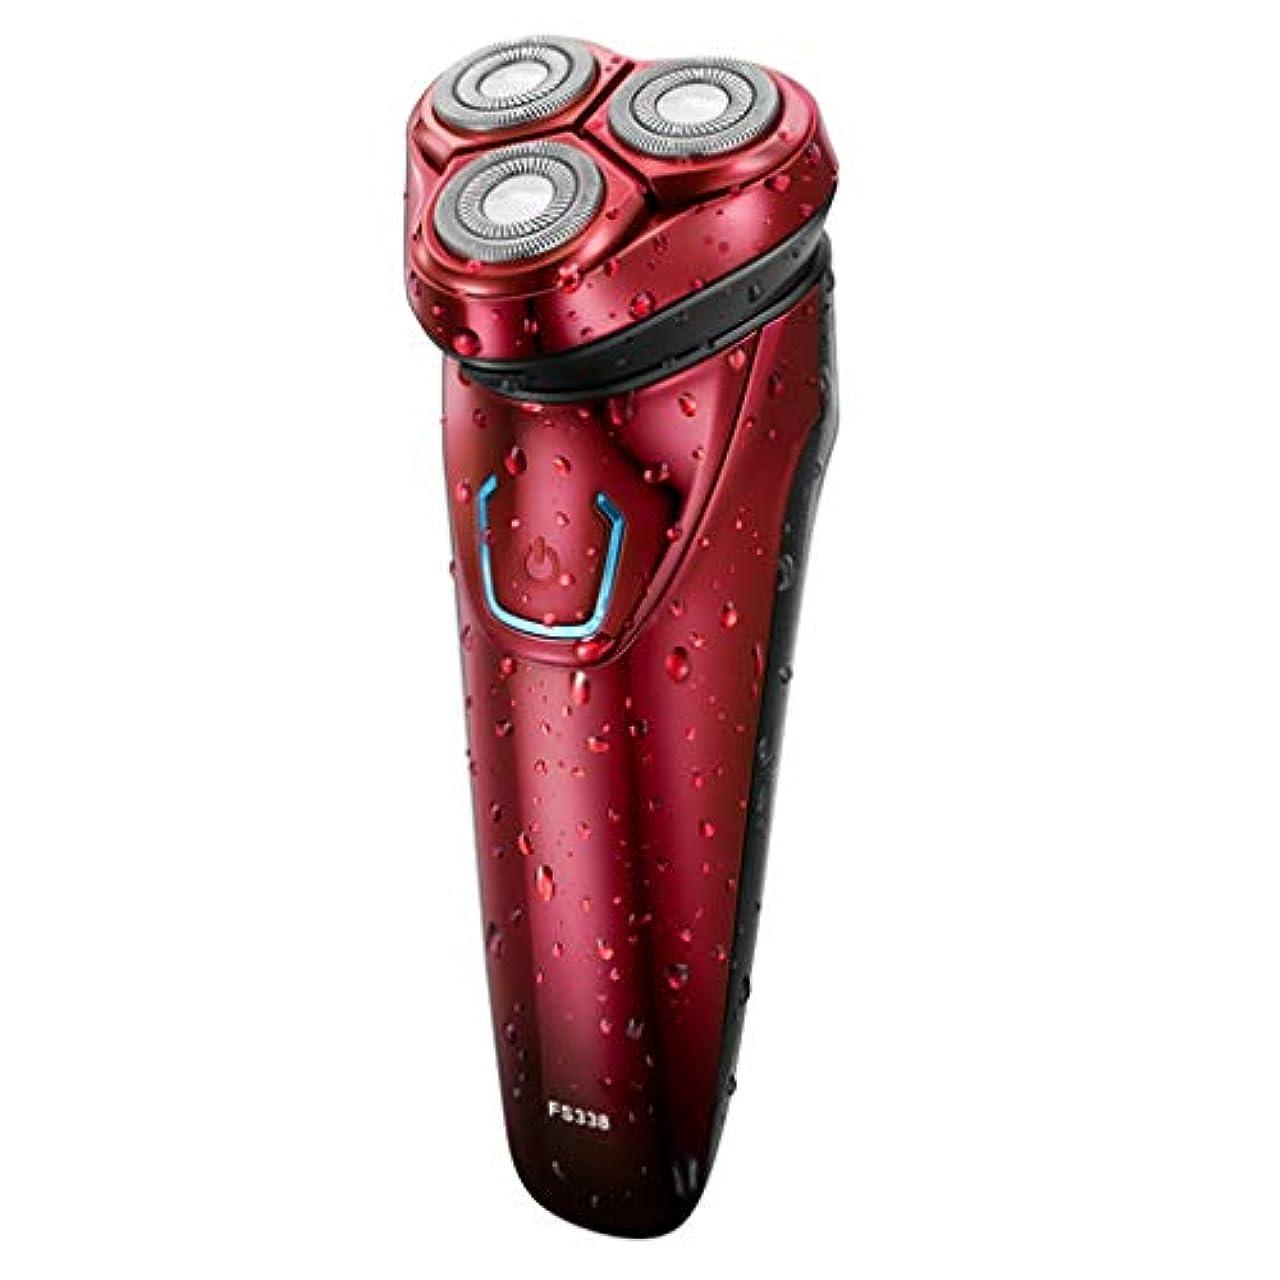 インデックス消費安定しましたひげそり 電動 メンズシェーバー,USB充電式 髭剃り 電気シェーバー 回転式 髭剃り ひげそりIPX7防水 電気シェーバー 持ち運び便利 お風呂剃り丸洗い可 人気プレゼント